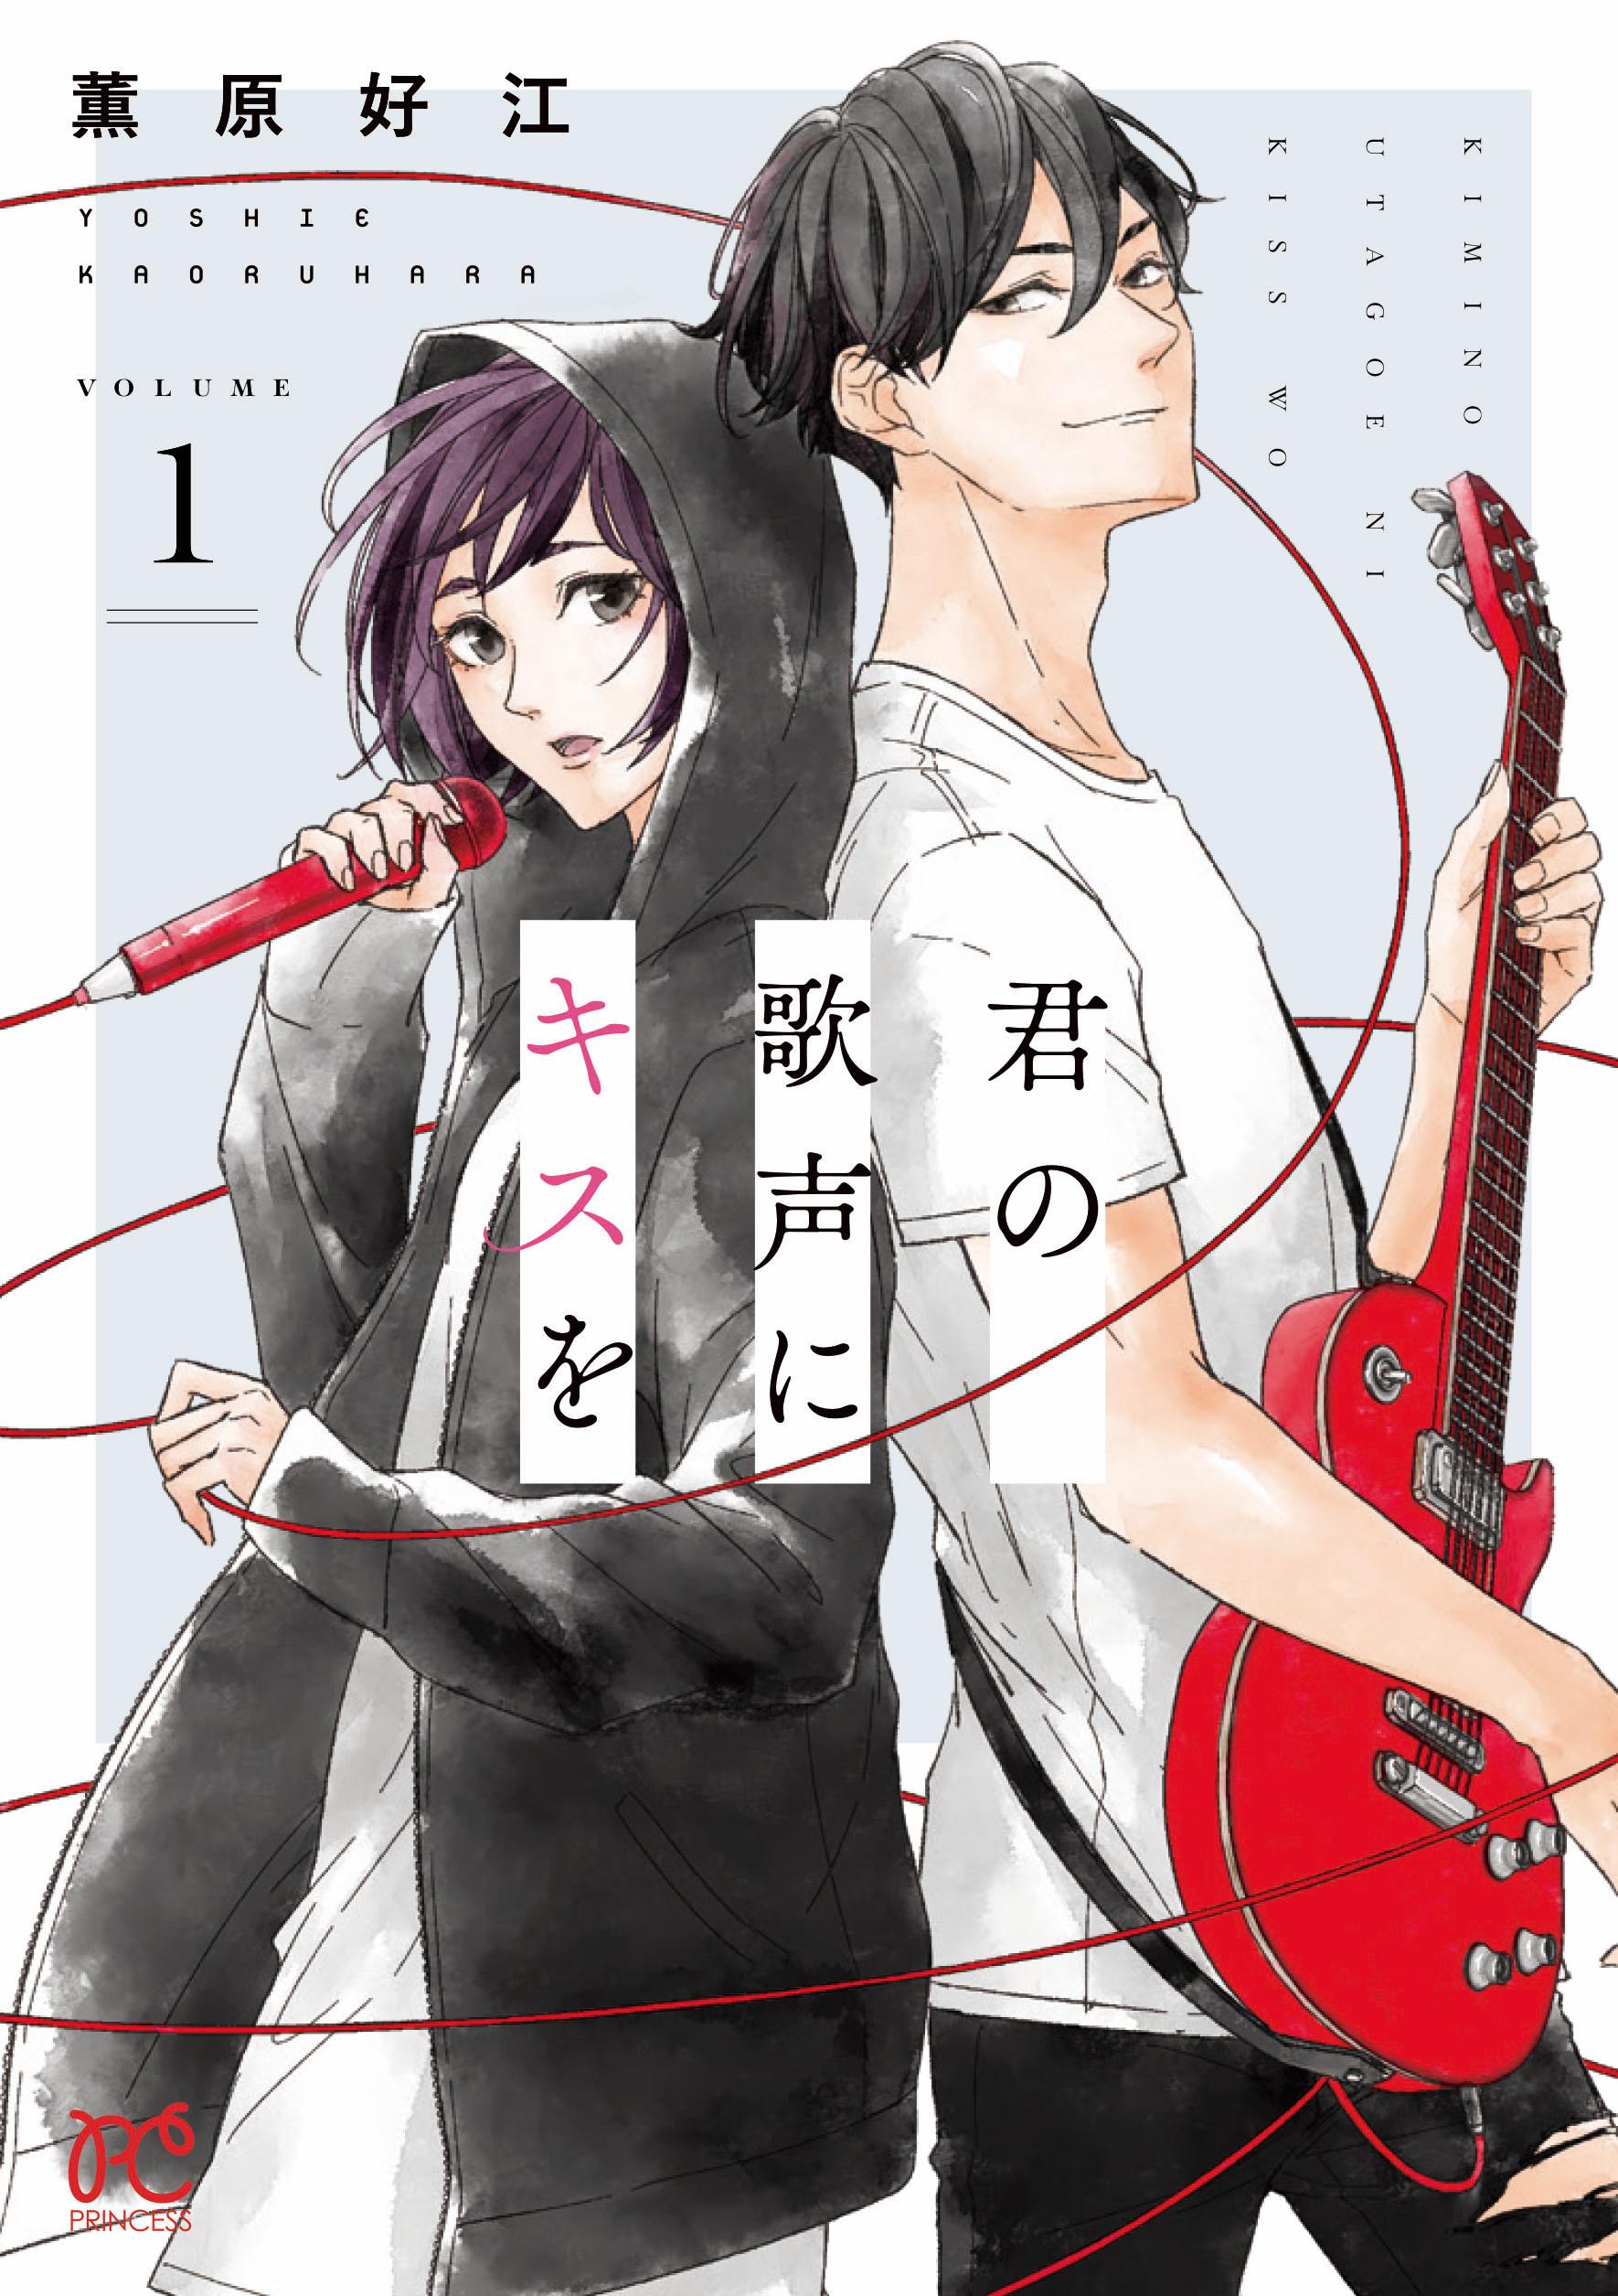 蒼井翔太さんも共感!声にコンプレックス主人公の新感覚バンド・ラブ「君の歌声にキスを」コミックス1巻発売